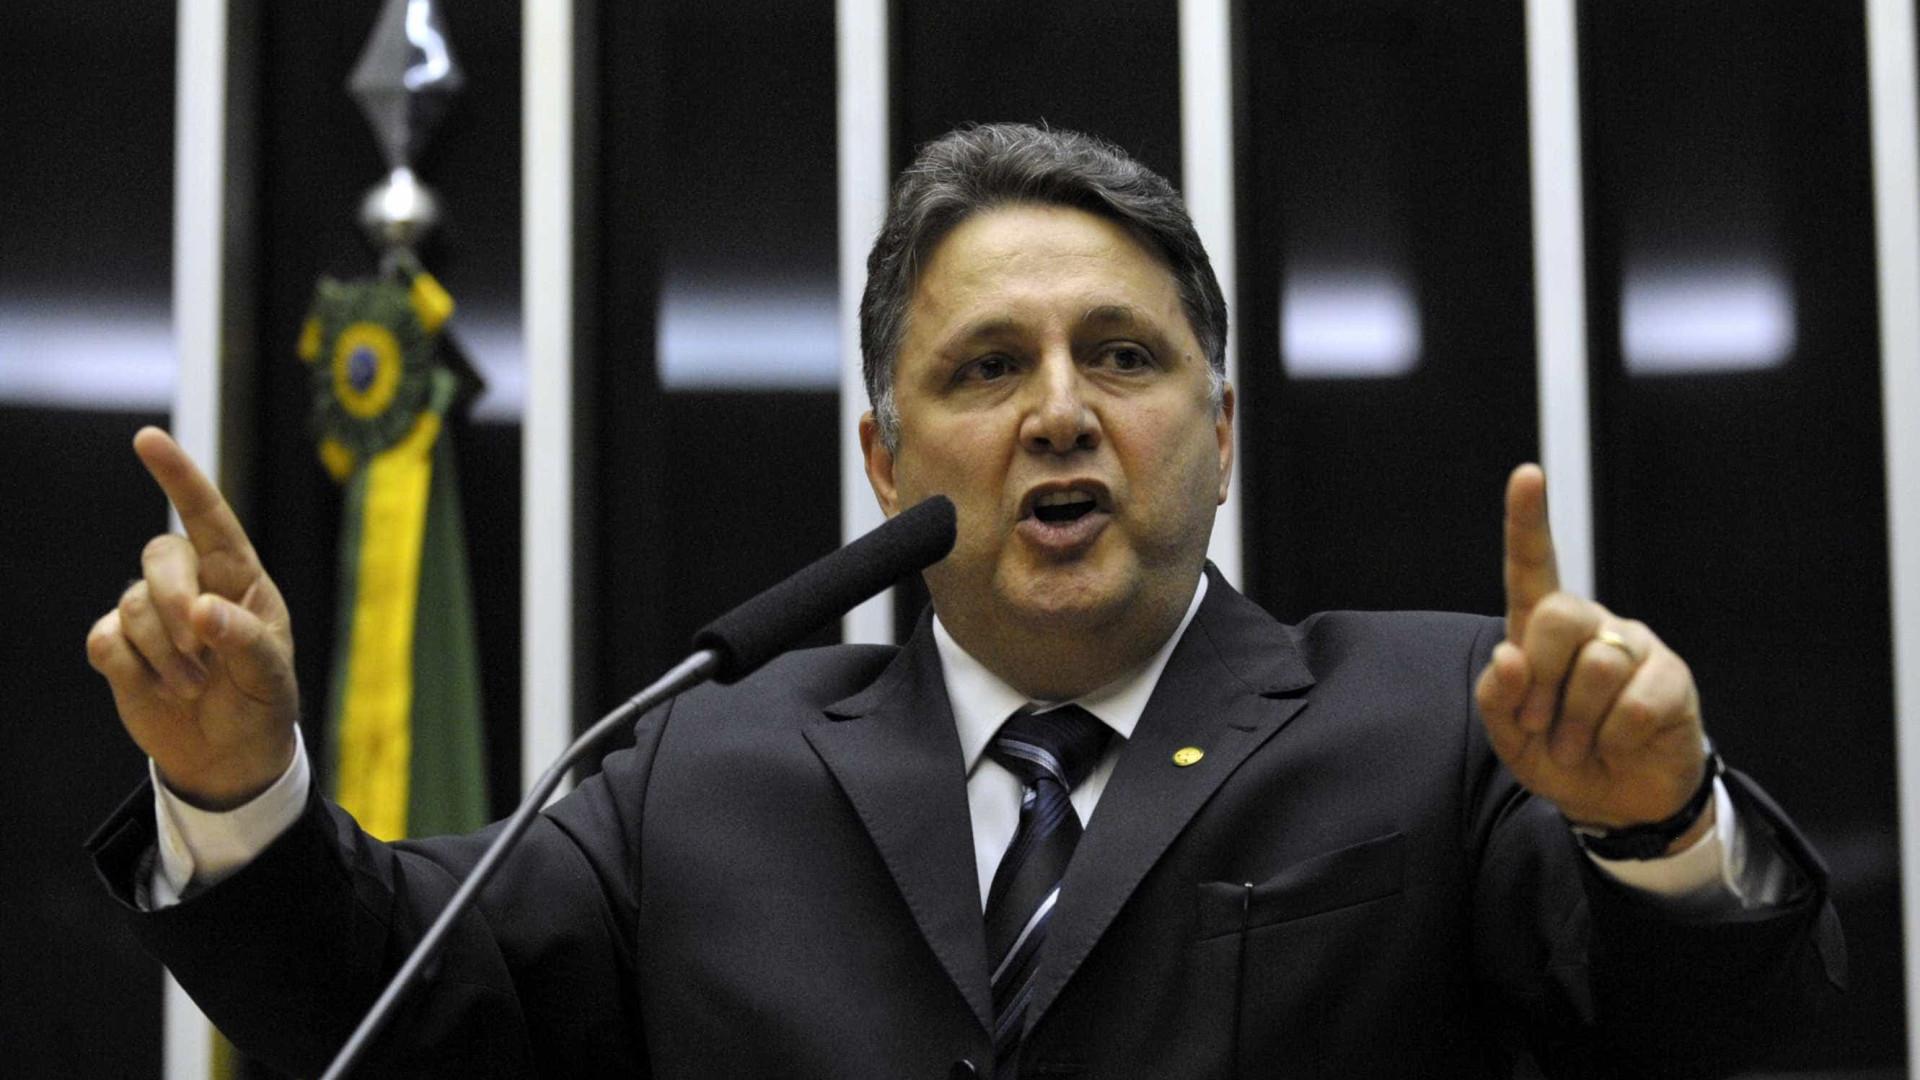 Família reage a insinuação de que Garotinho forjou agressão na cadeia